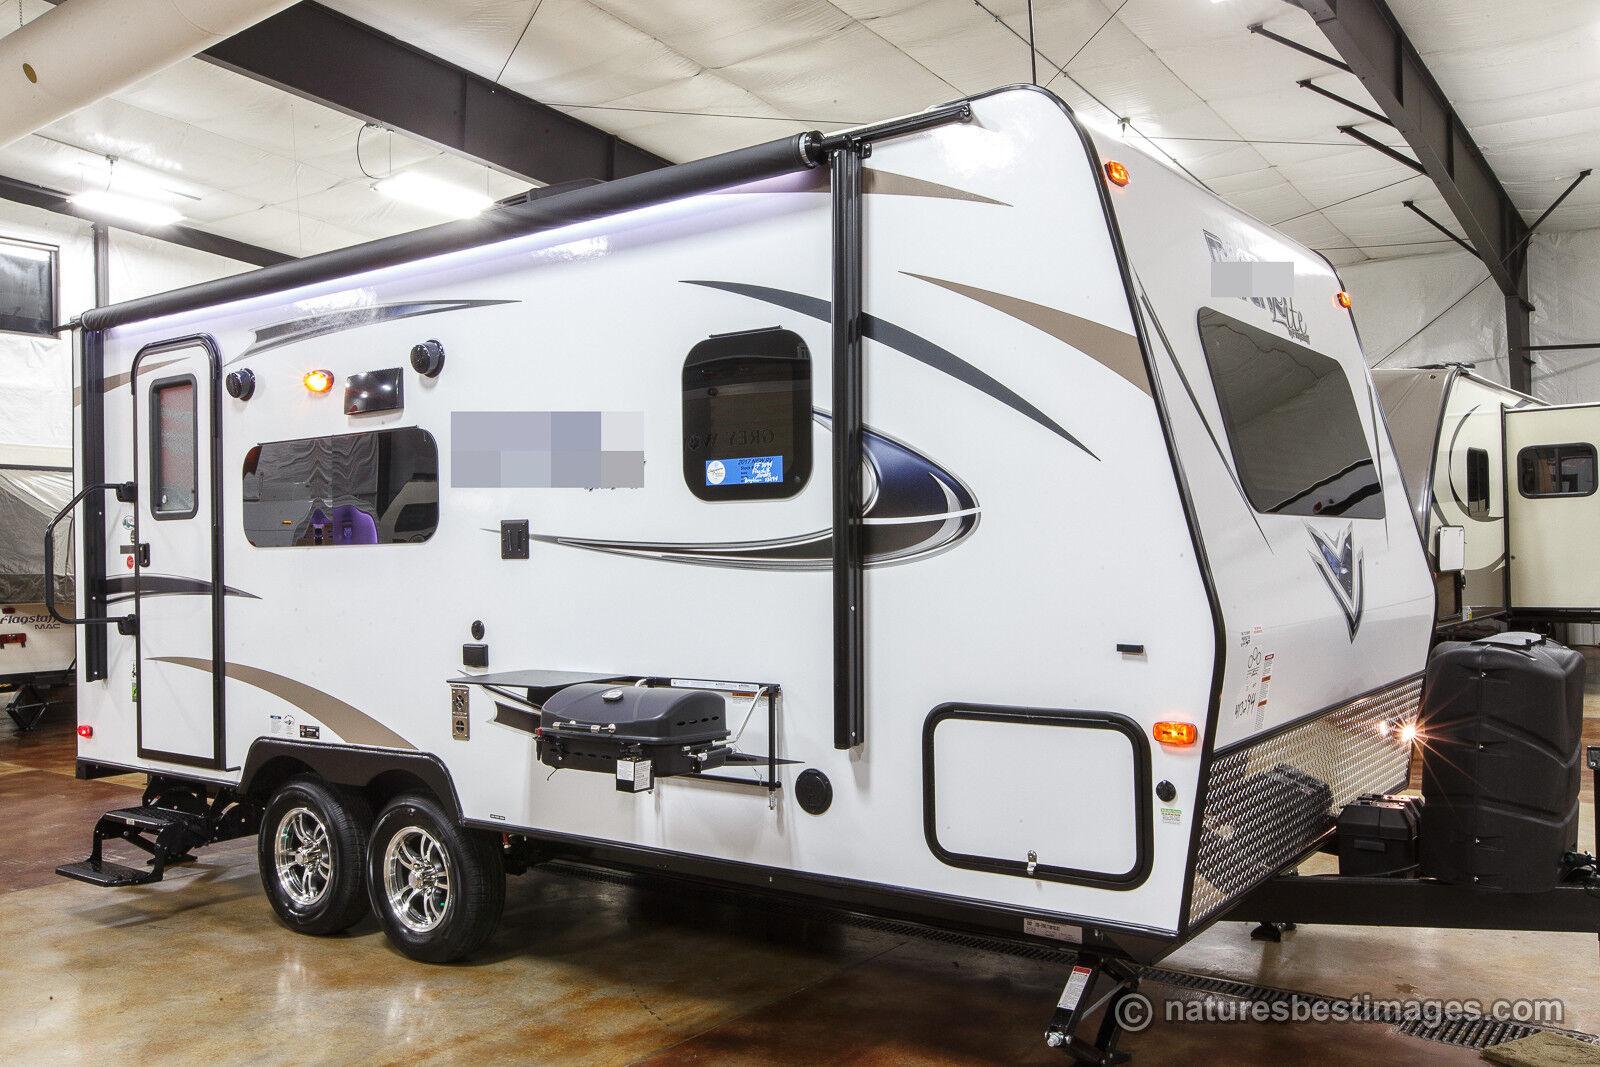 new 2017 21fbrs lightweight slide out micro lite travel trailer camper for sale 21. Black Bedroom Furniture Sets. Home Design Ideas